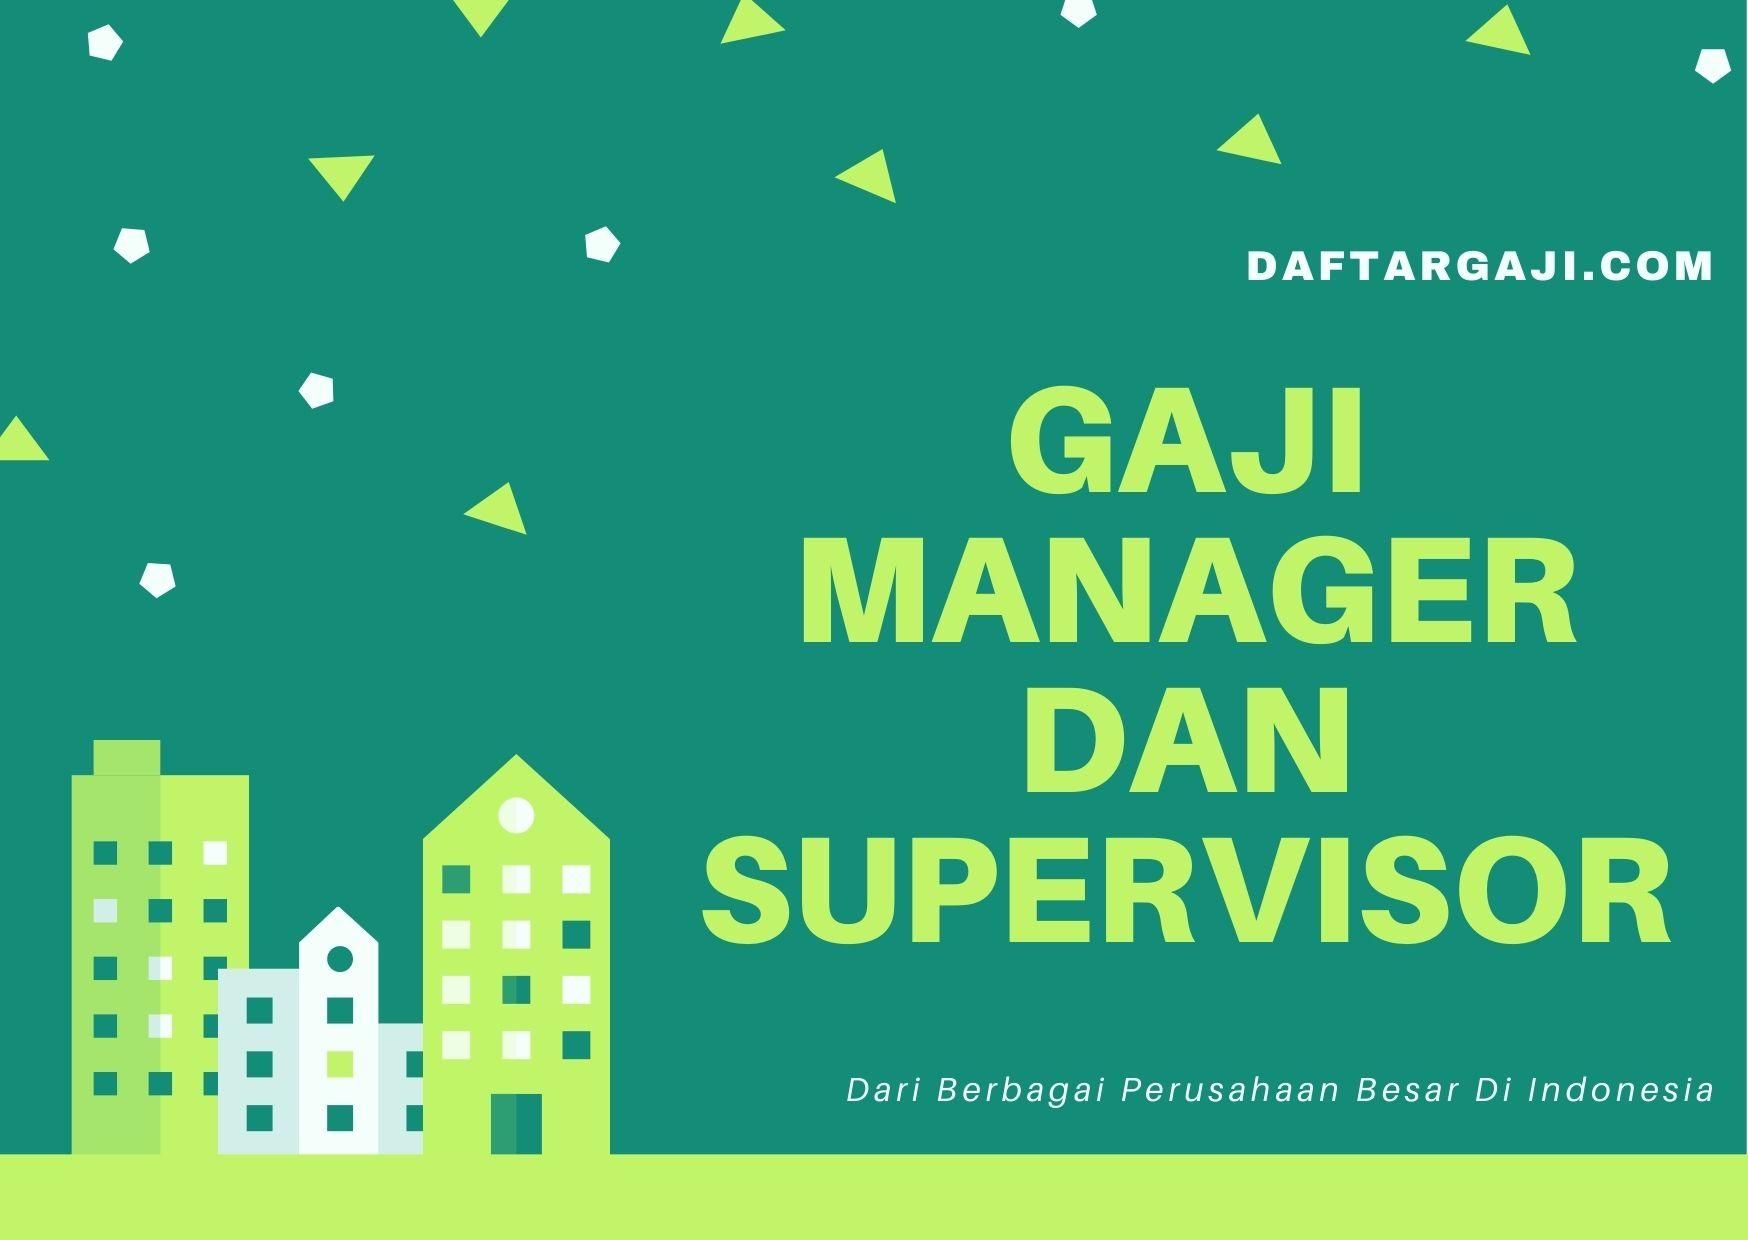 Gaji Manajer Dan Supervisor Asean Multimedia Interactive Network